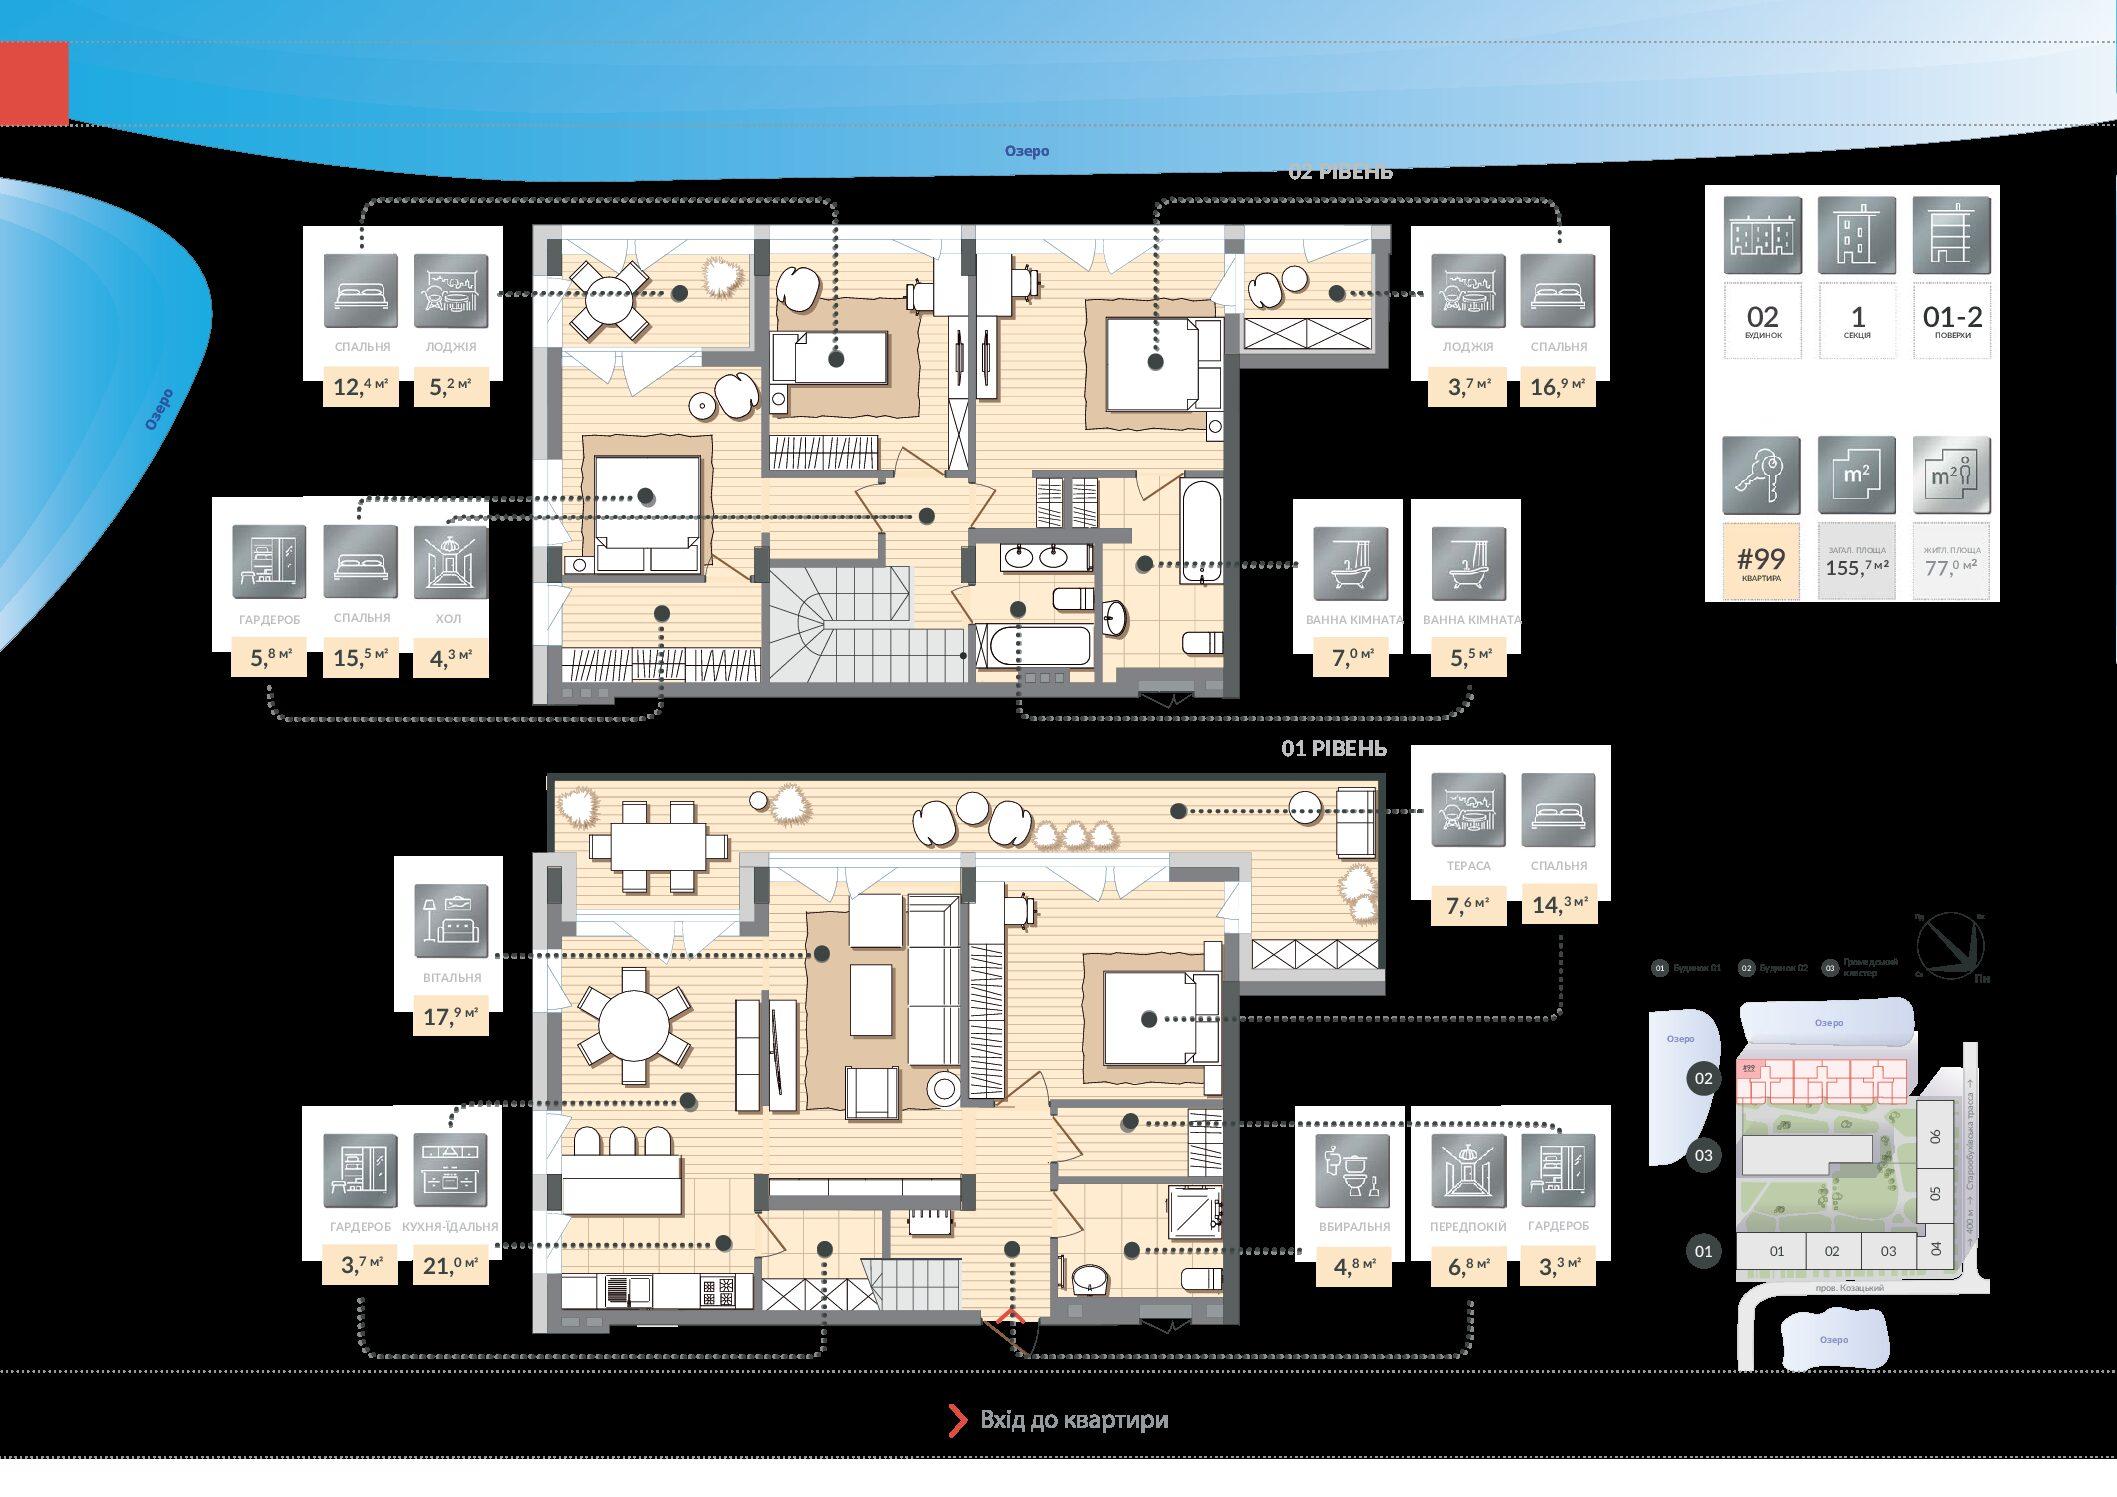 Пятикомнатная квартира 155,70 кв.м, кв. №99, секц. №1